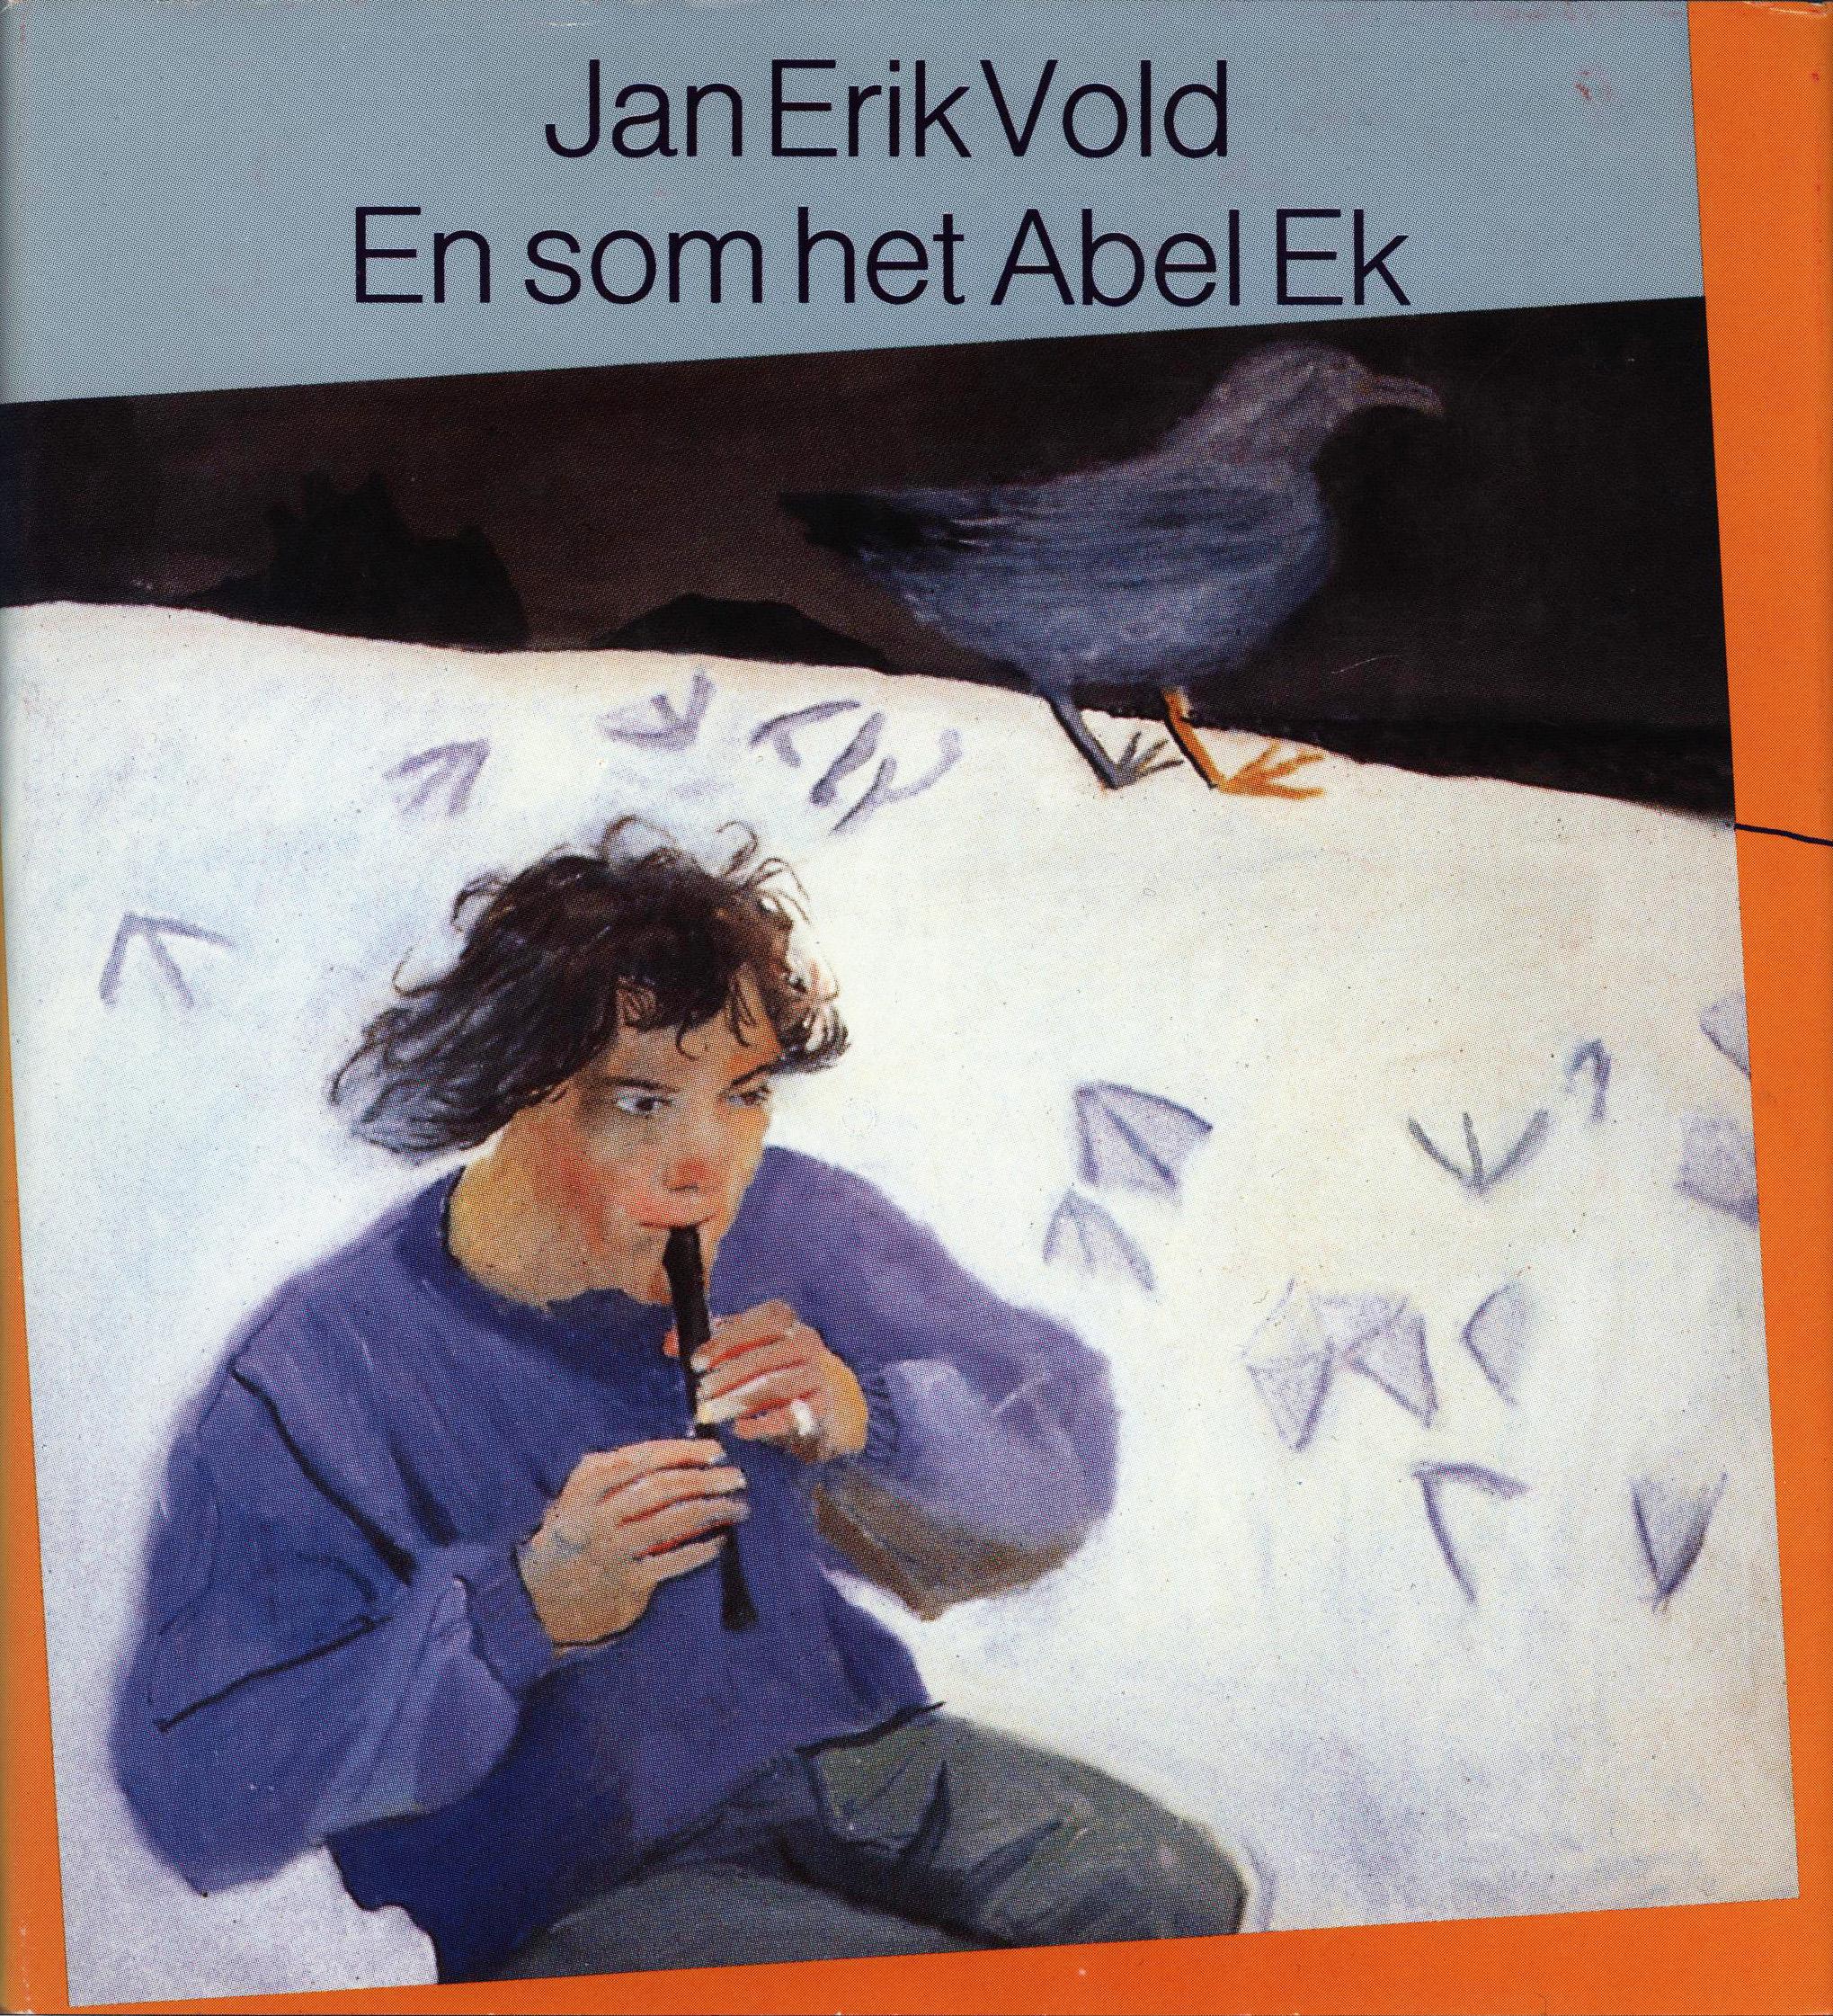 Jan Erik Vold: En som het Abel Ek